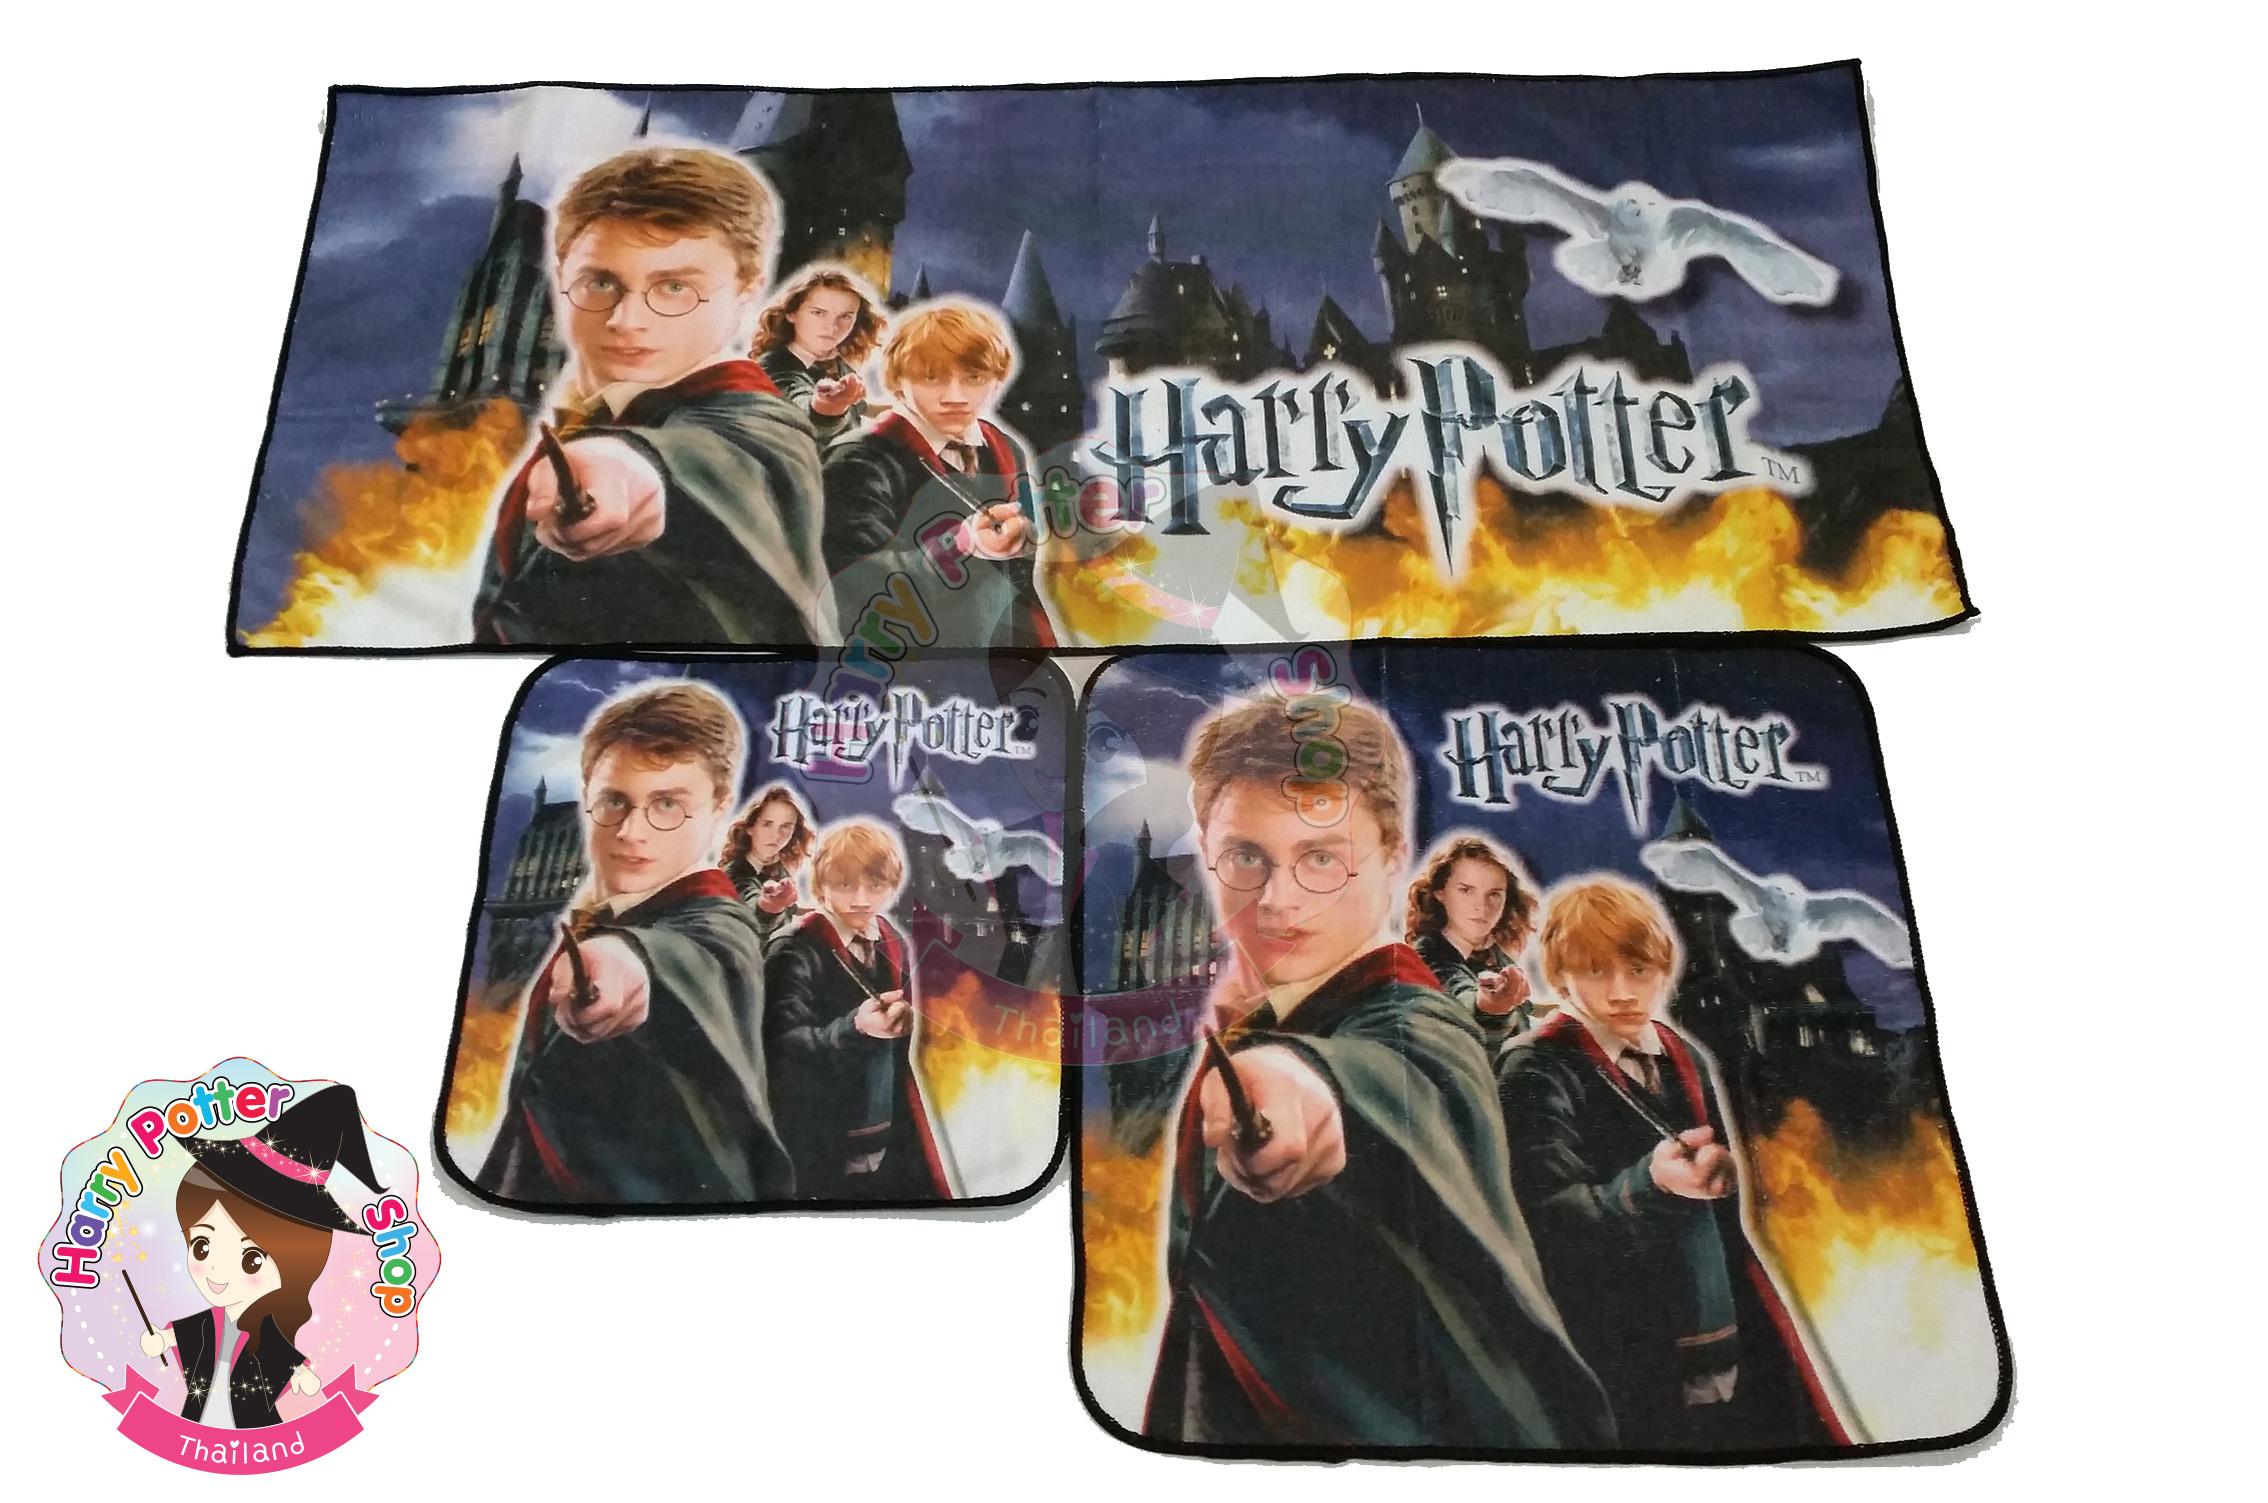 ผ้าขนหนูแฮร์รี่ พอตเตอร์ ลิขสิทธิ์แท้ญี่ปุ่น